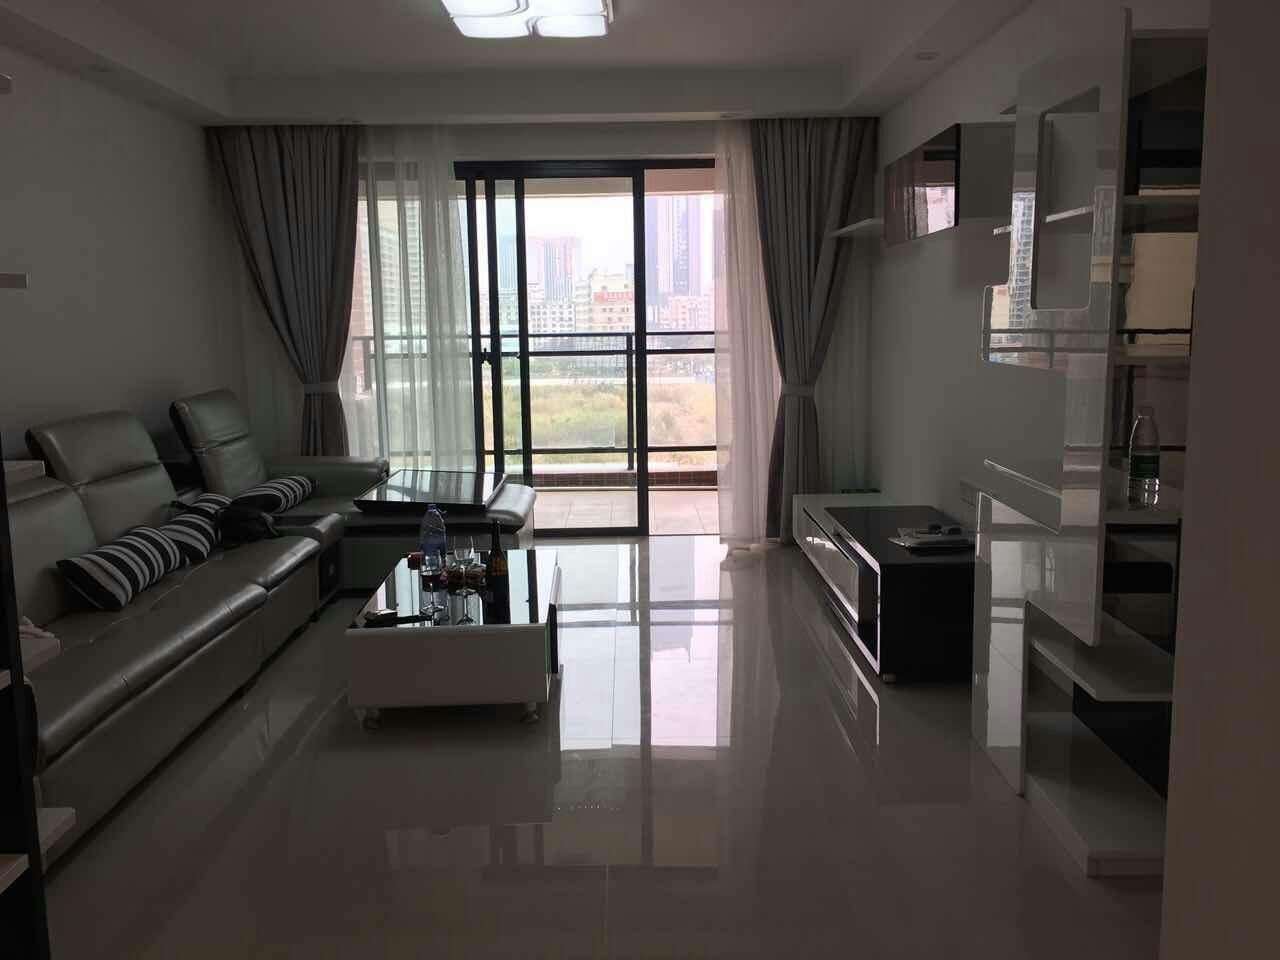 淡水 尚诚世家3室2厅 豪华装修 真图有效鸿江尚城世家